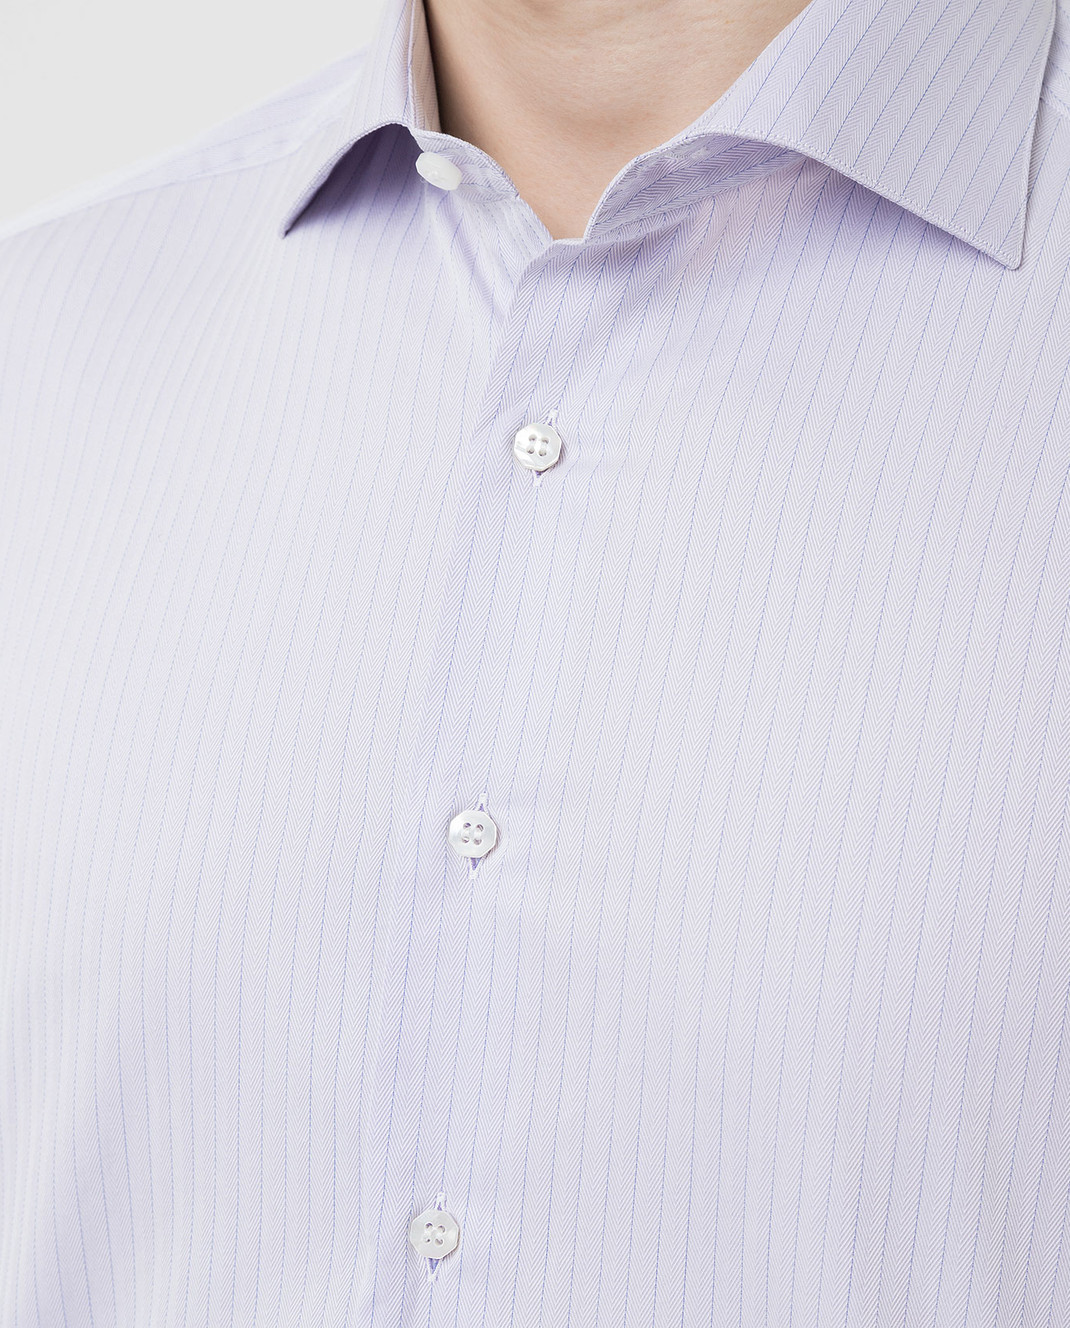 Stefano Ricci Сиреневая рубашка MC000540L1812 изображение 5